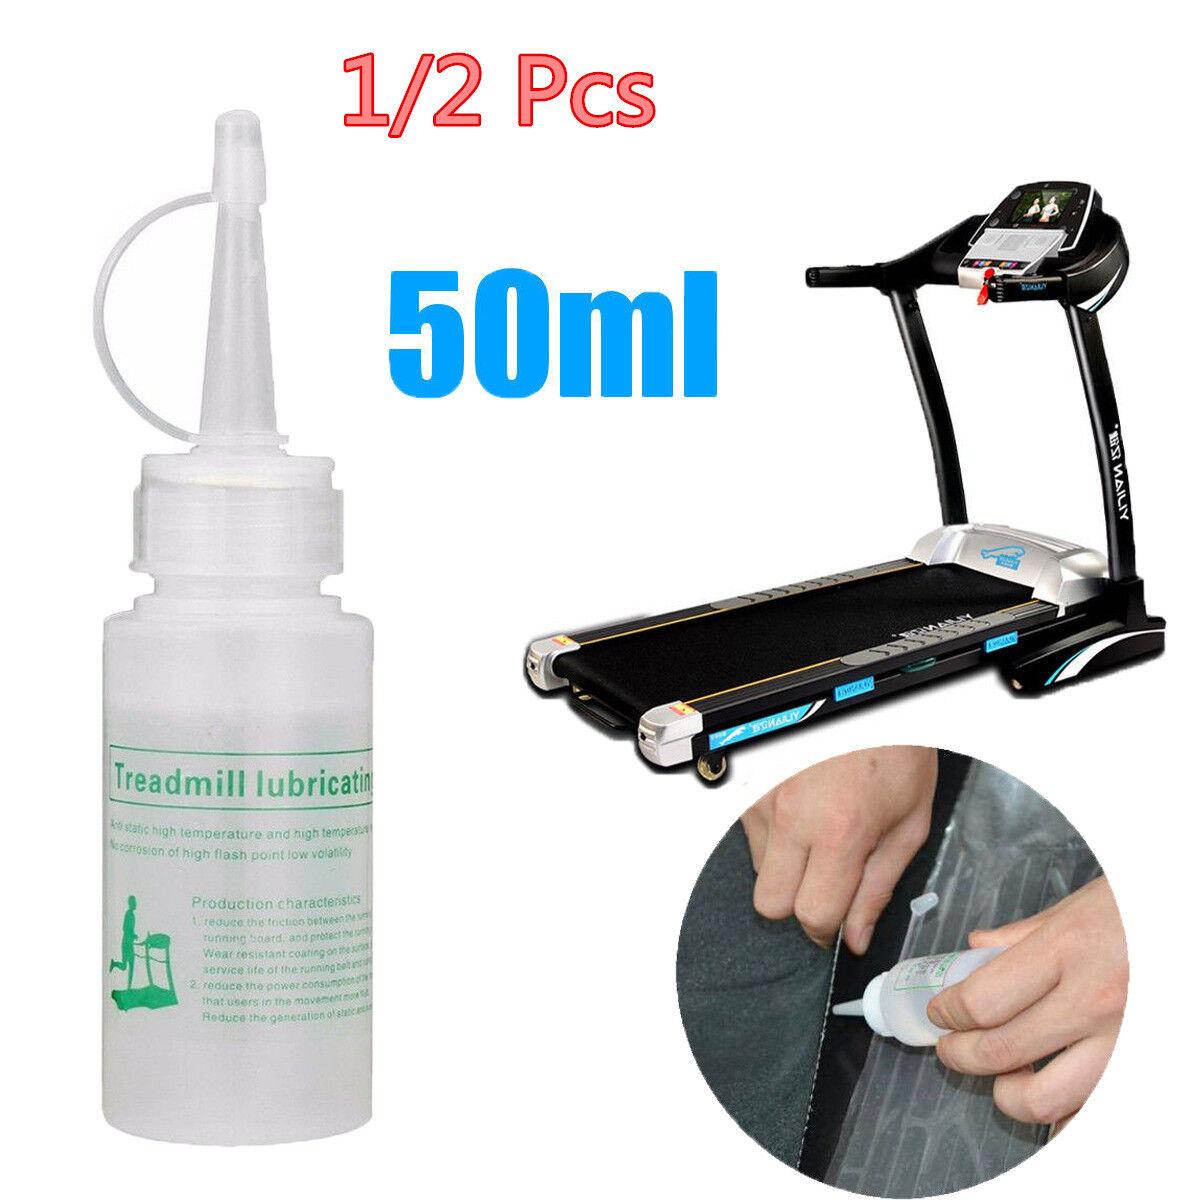 50ml Clear Silicone Oil Treadmill Belt Lubricant Walk